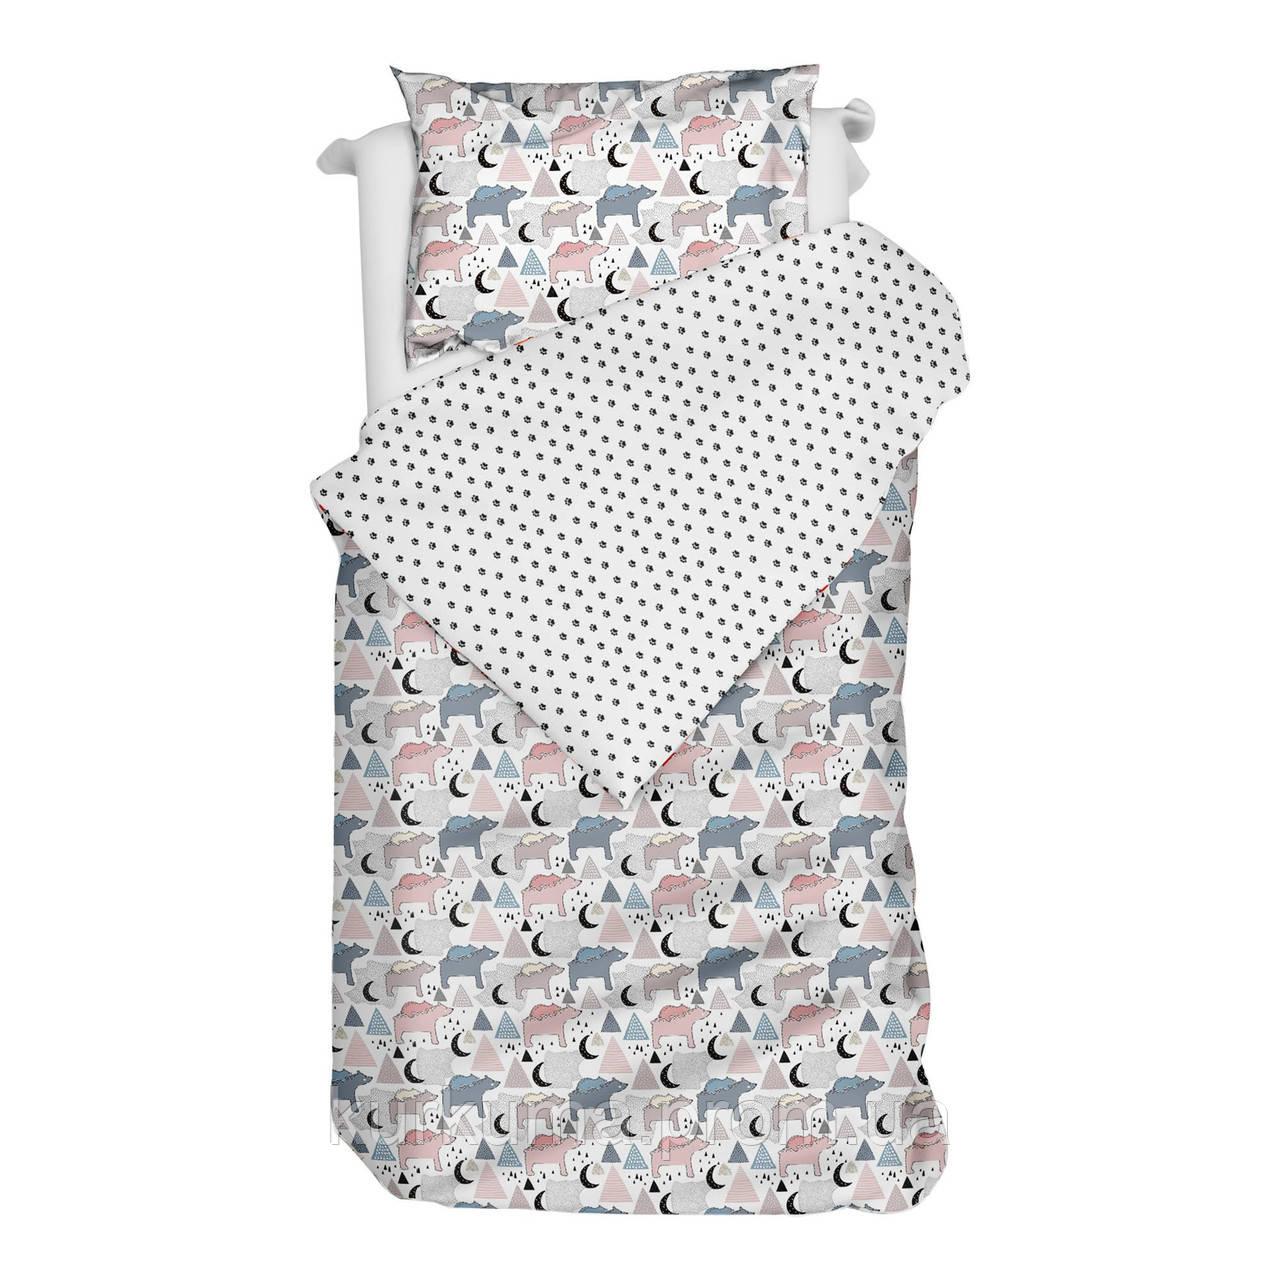 Комплект постельного белья BEARS 140х200 см